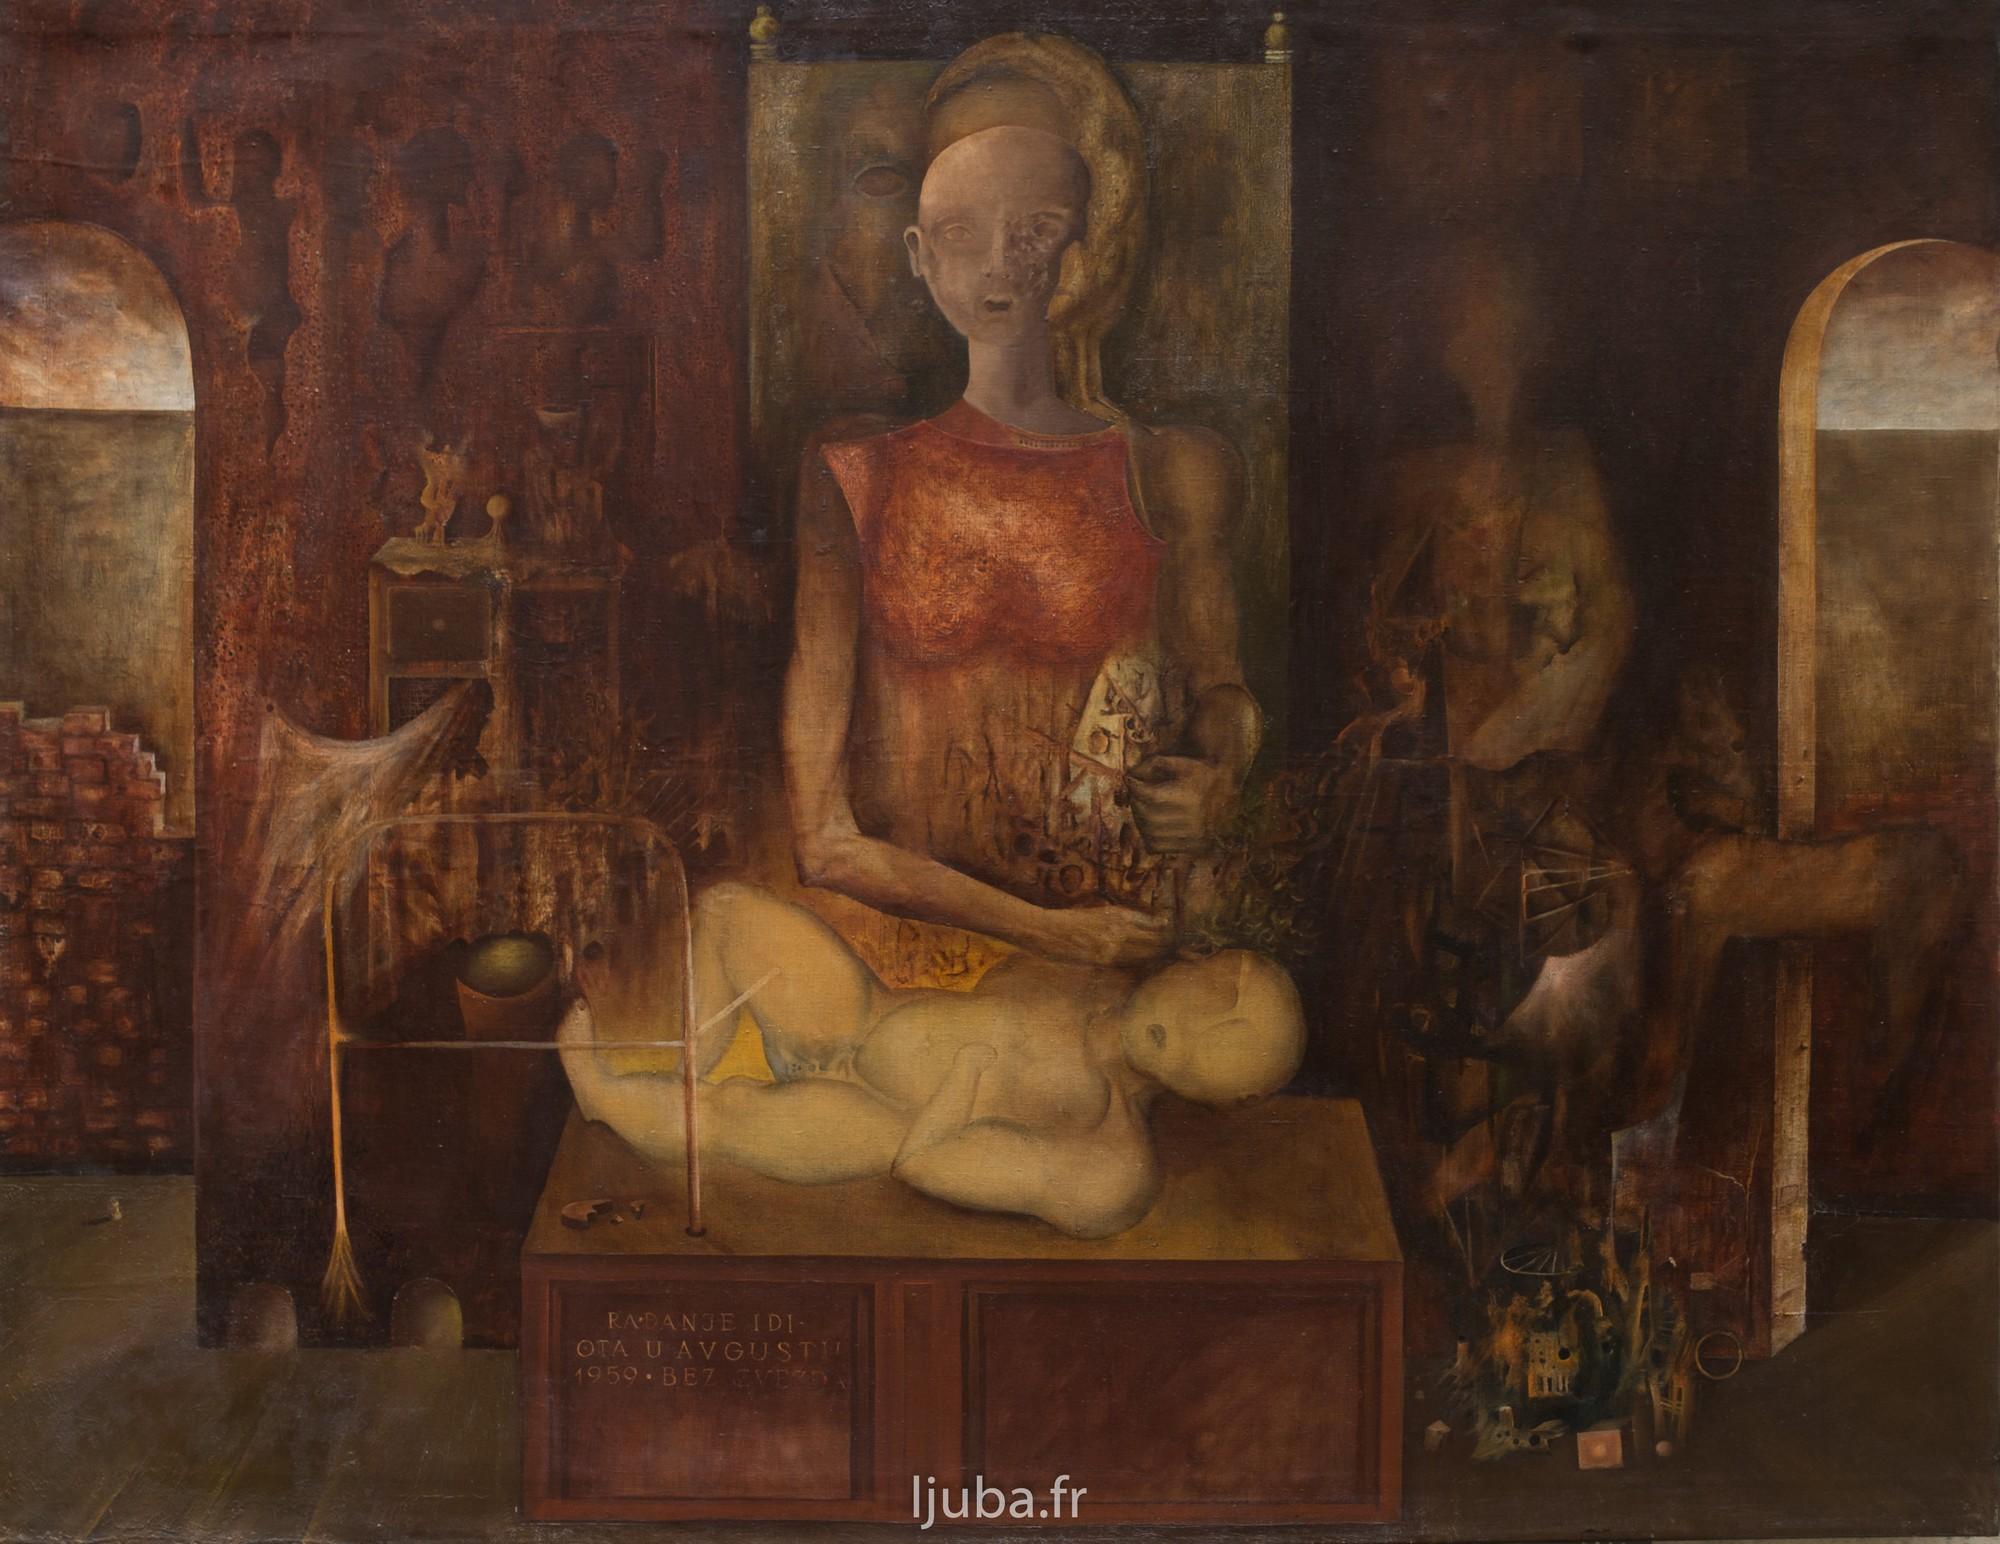 Ljuba Popovic - 1959, La naissance d'un idiot